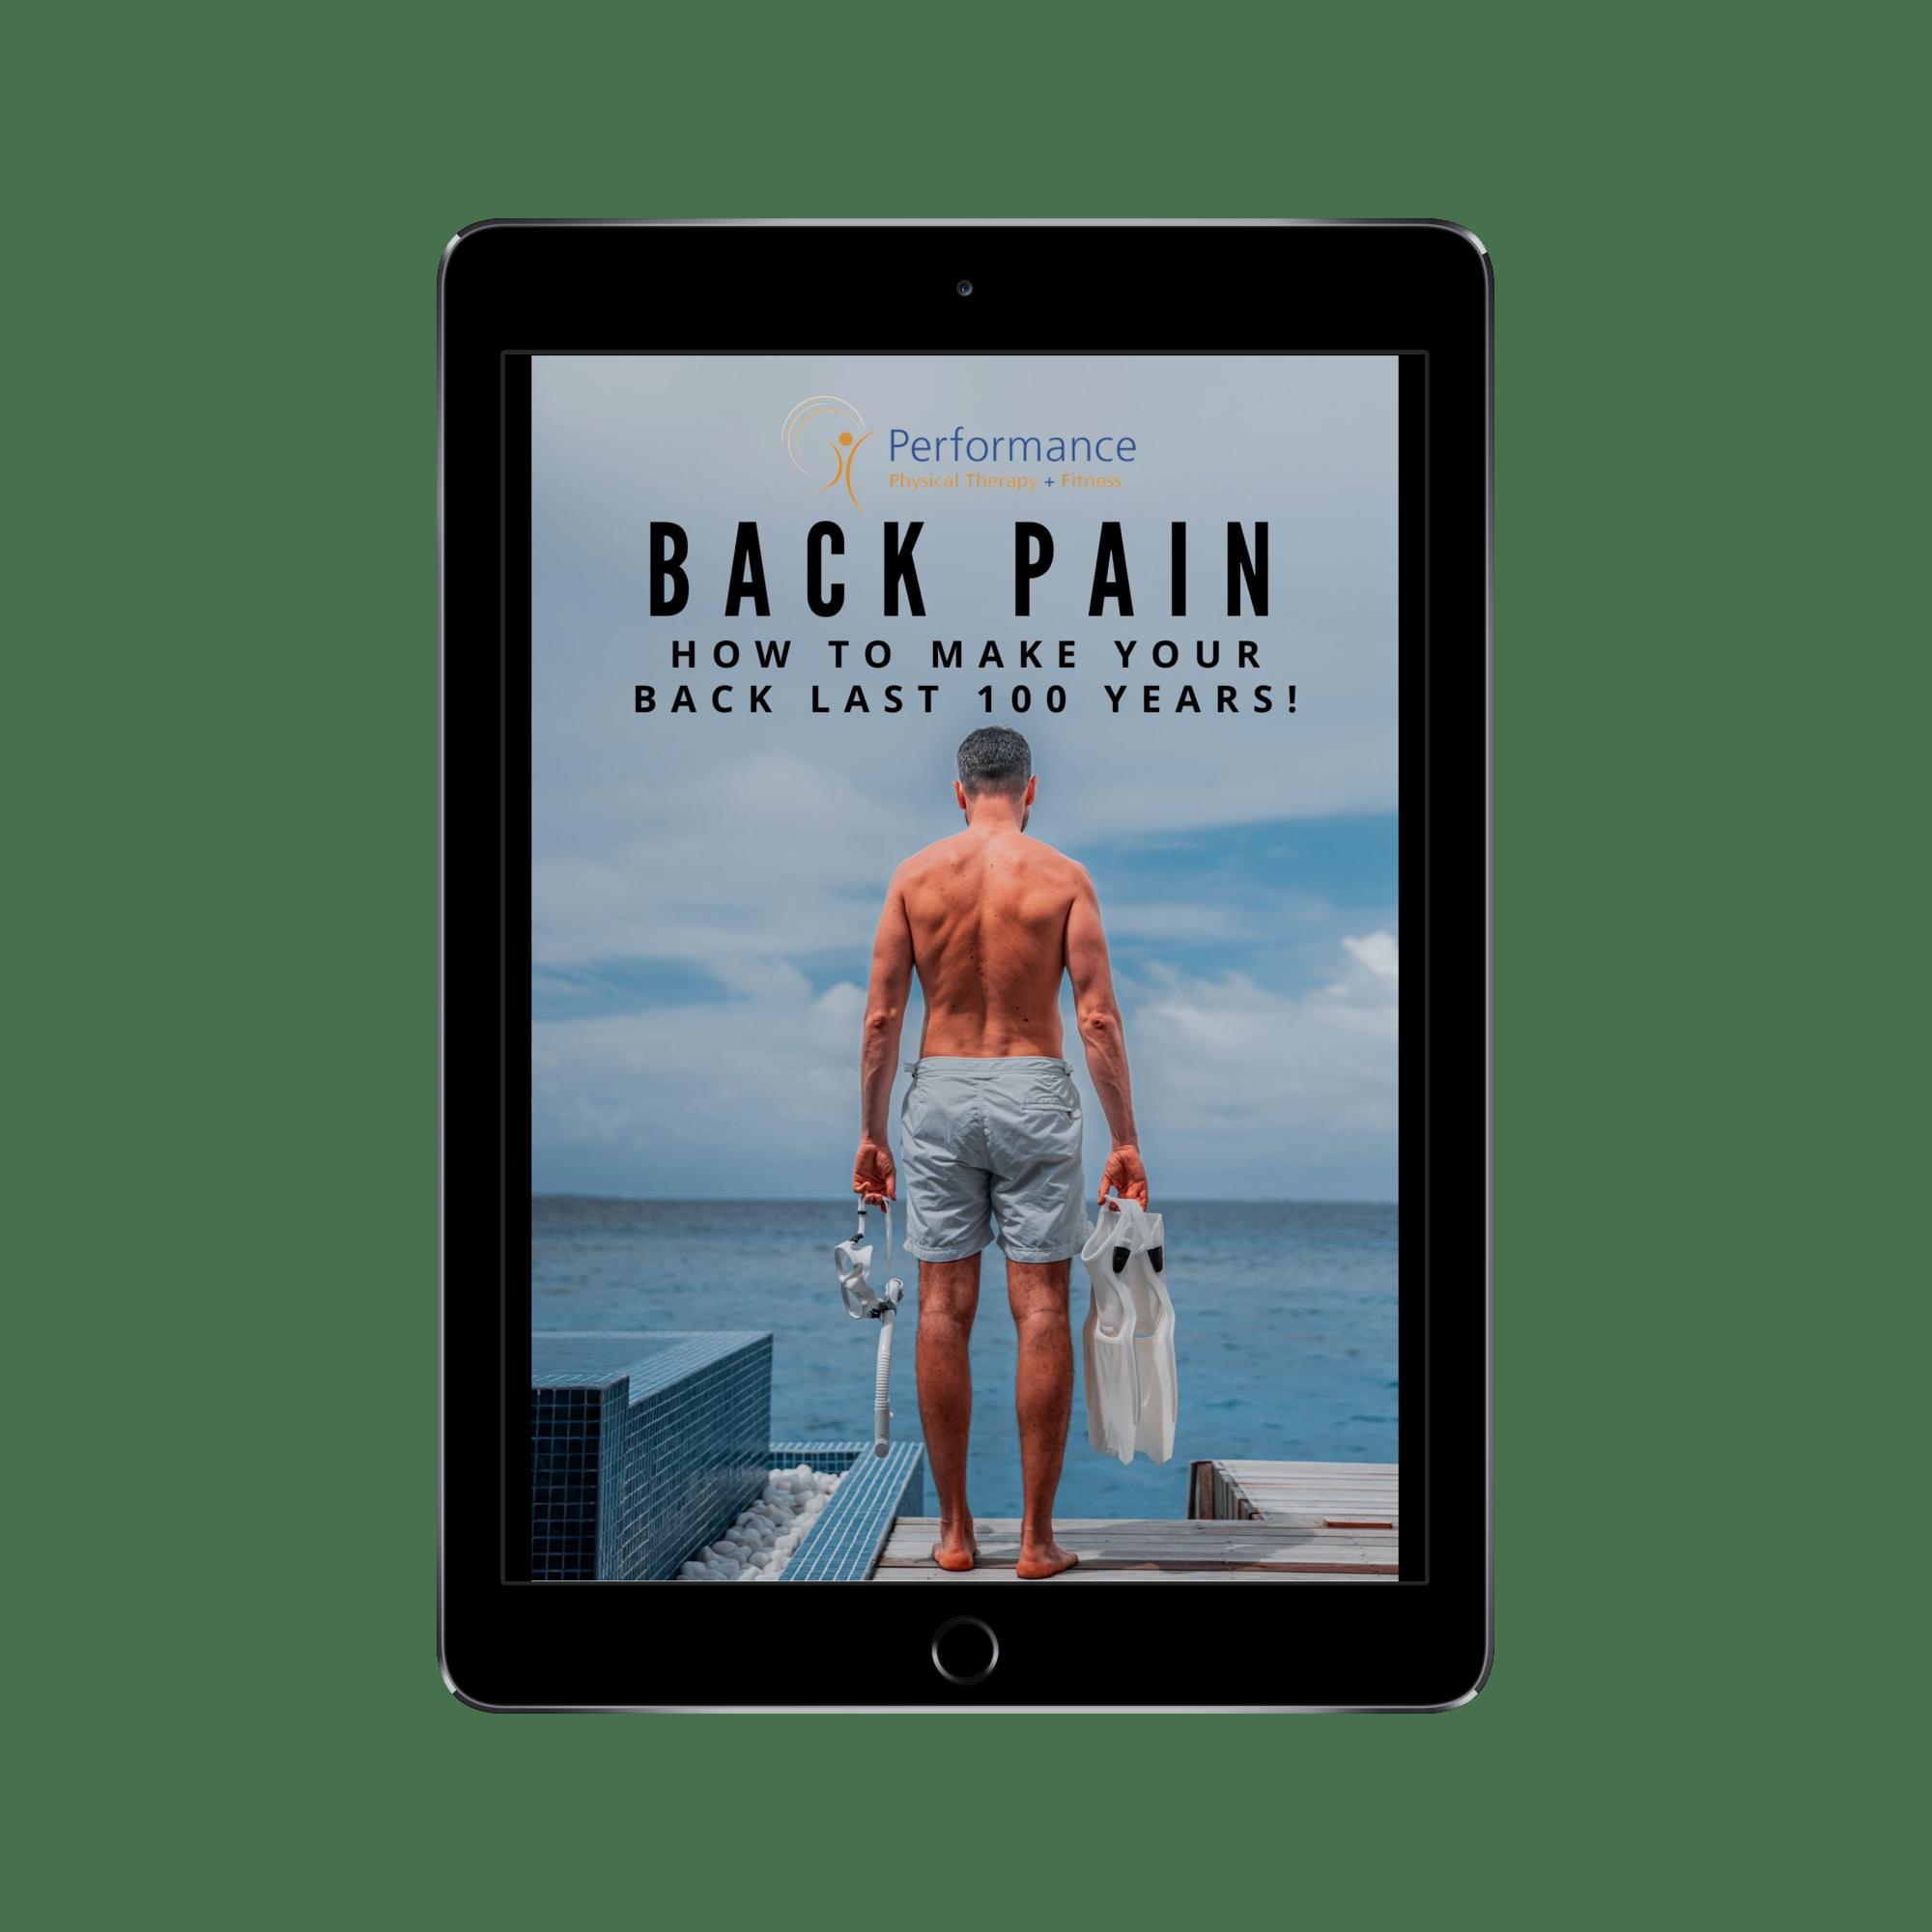 Back pain pdf